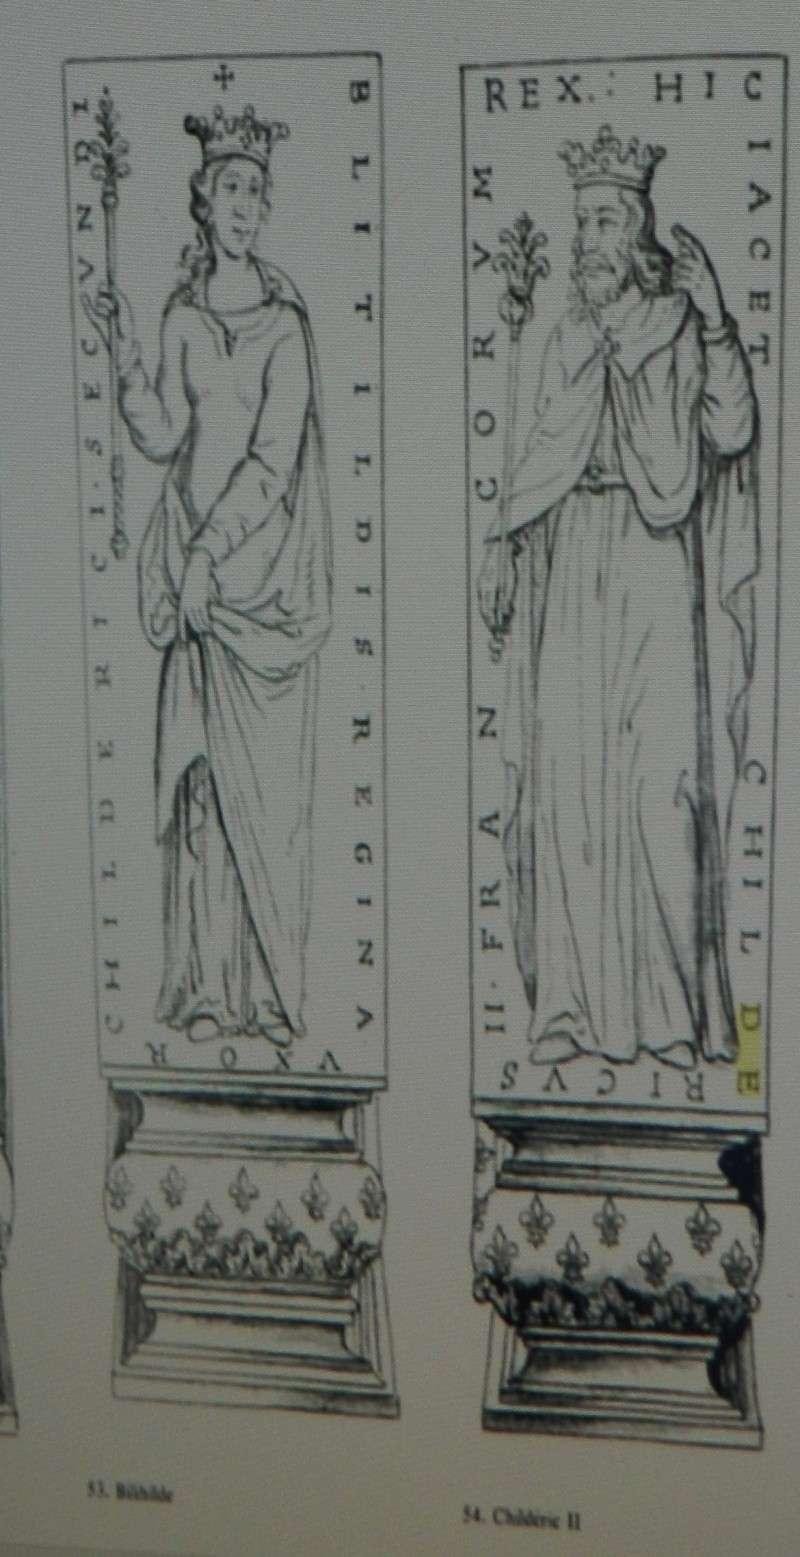 Les tombeaux mérovingiens de Saint-Germain-des-Prés Dscn5013